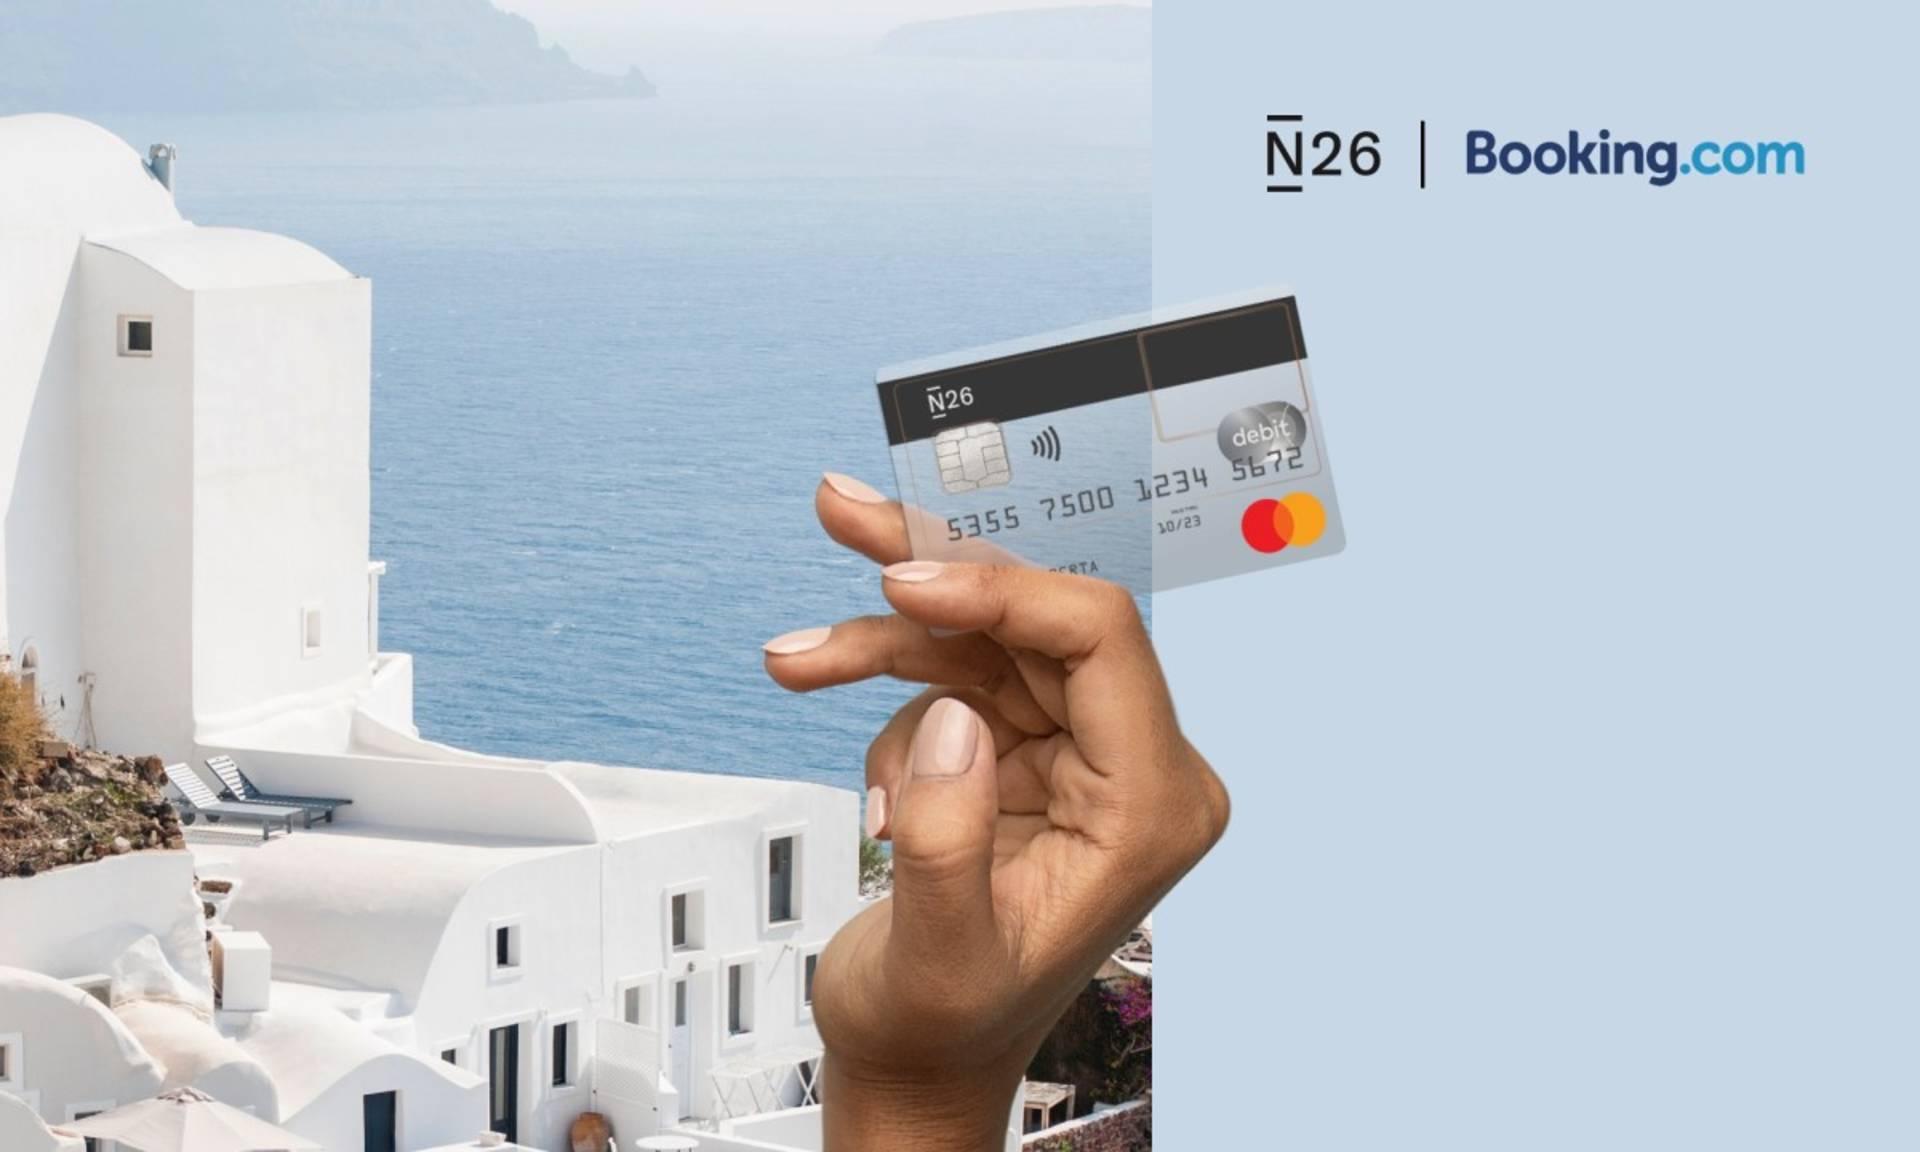 10% Cashback bei Booking.com mit N26